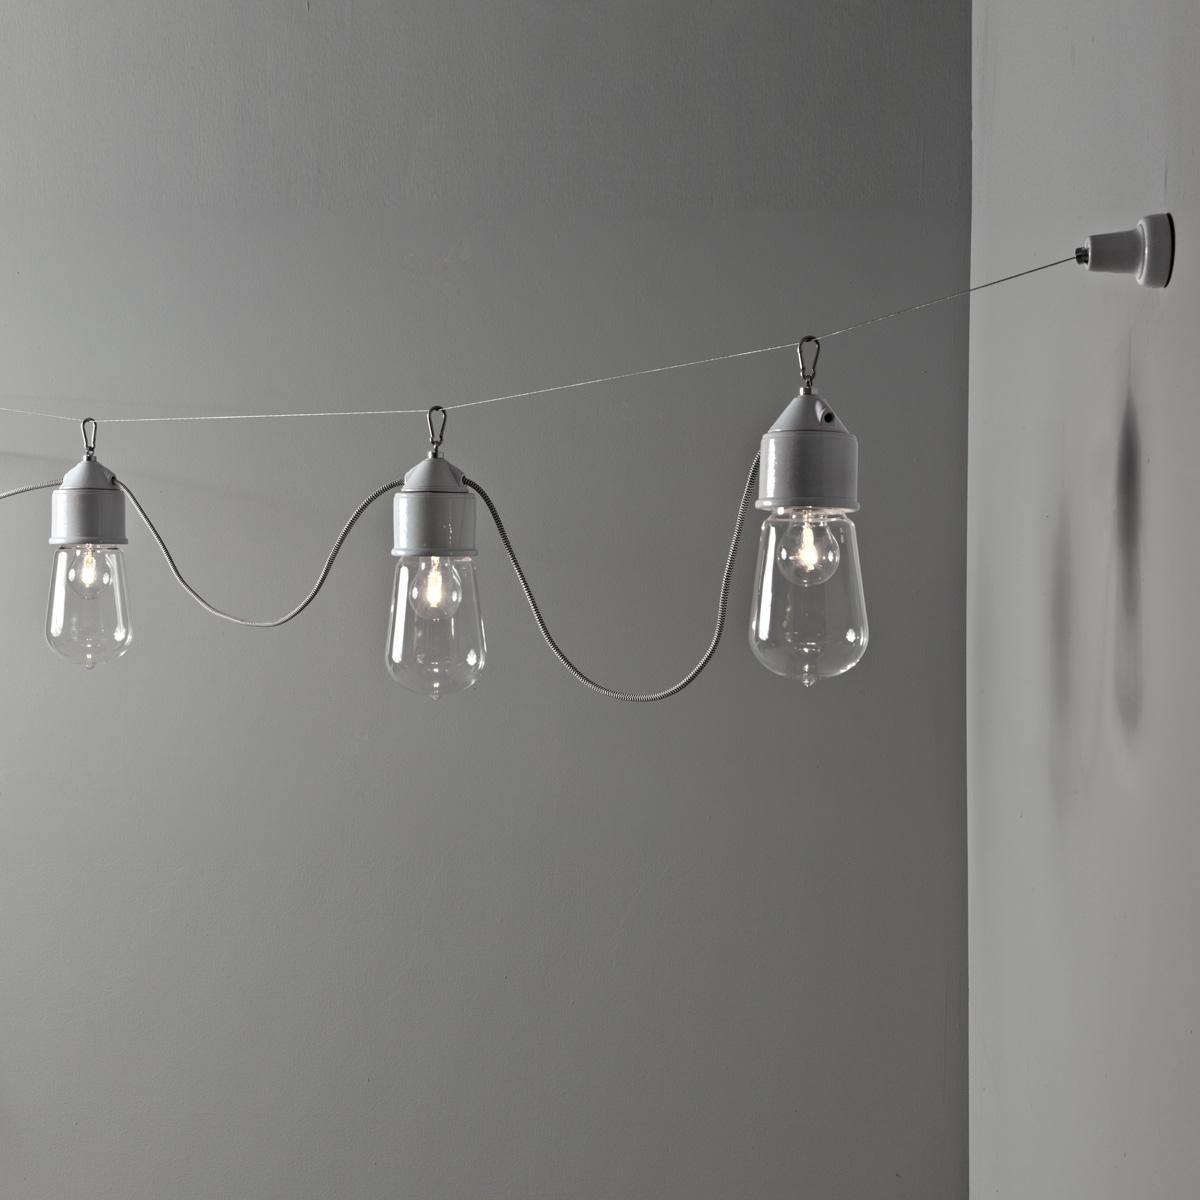 Suspension Multiple Ampoule Sur C Ble Lampe De Style Industrielle